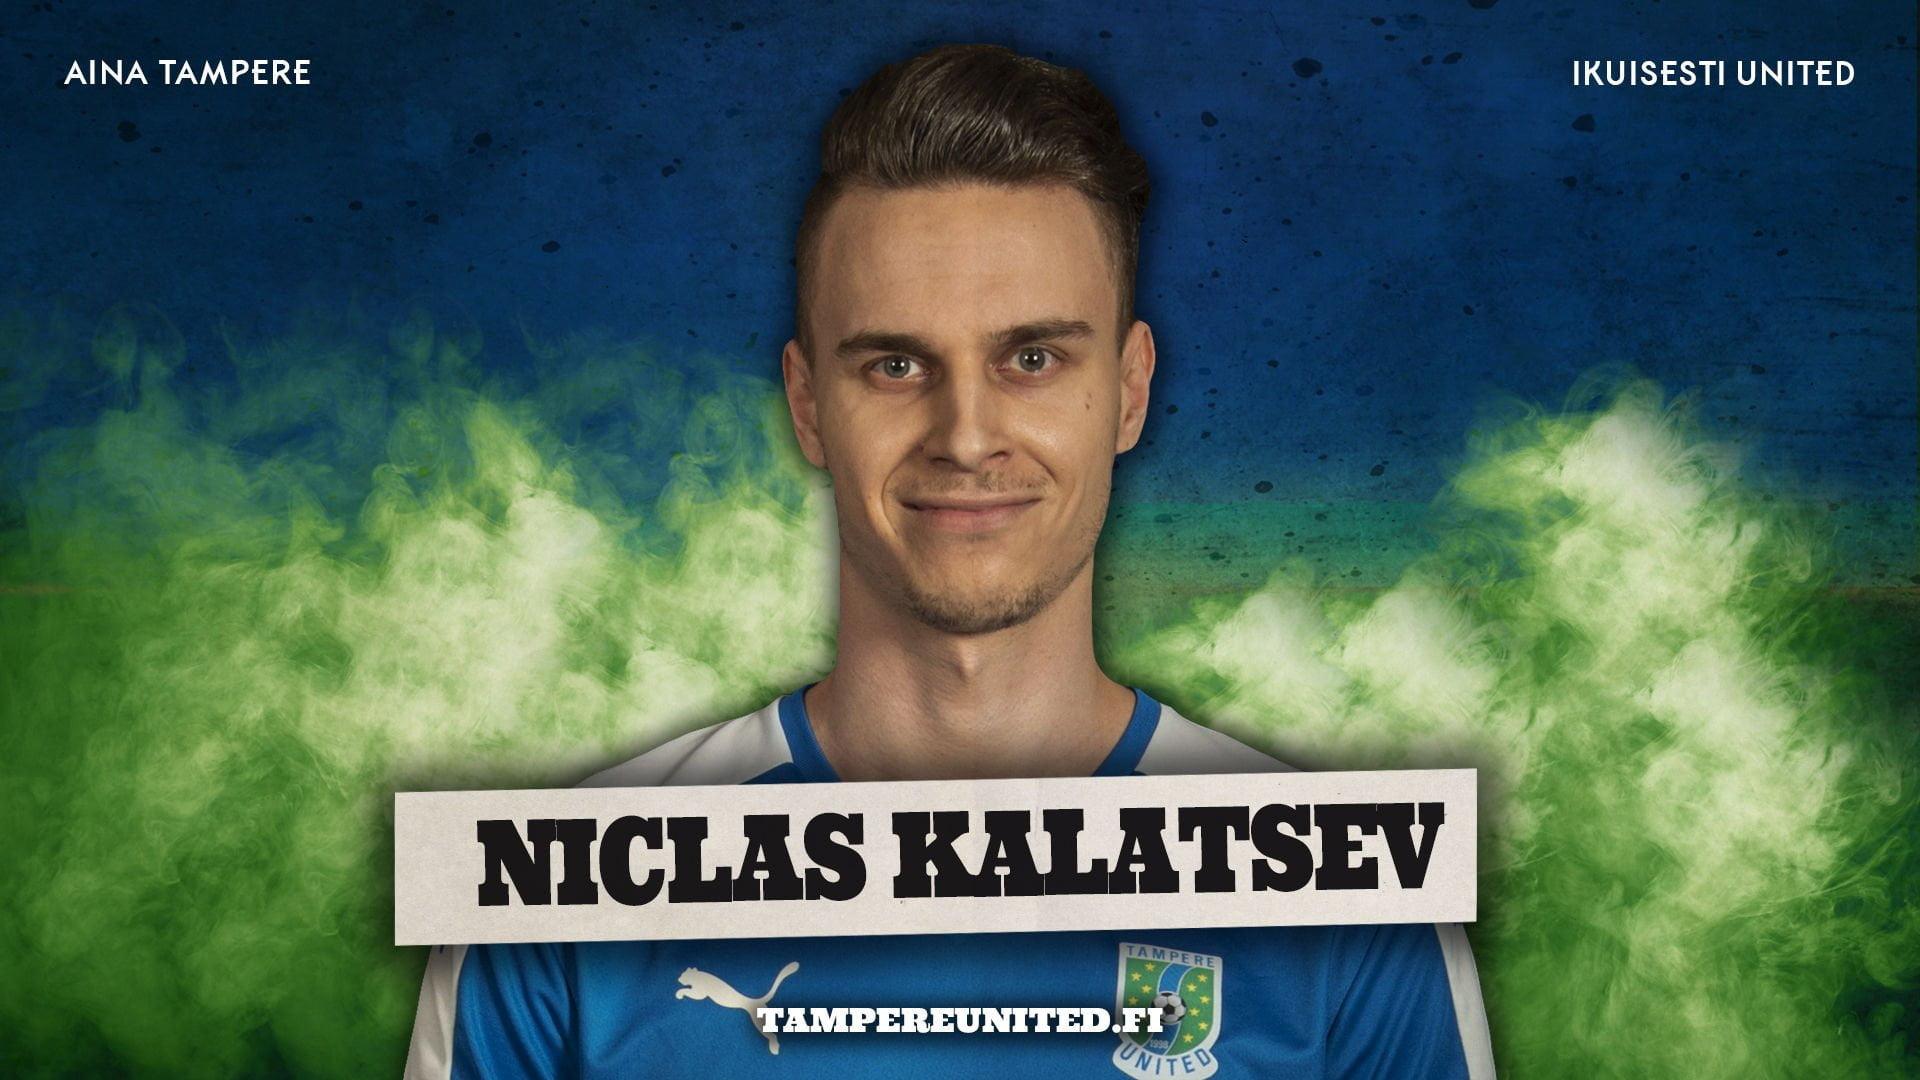 Retrokausi käynnistyi Kultsun kaadolla – lue ottelun hahmon Niclas Kalatsevin tuoreet kuulumiset -uutiskuva